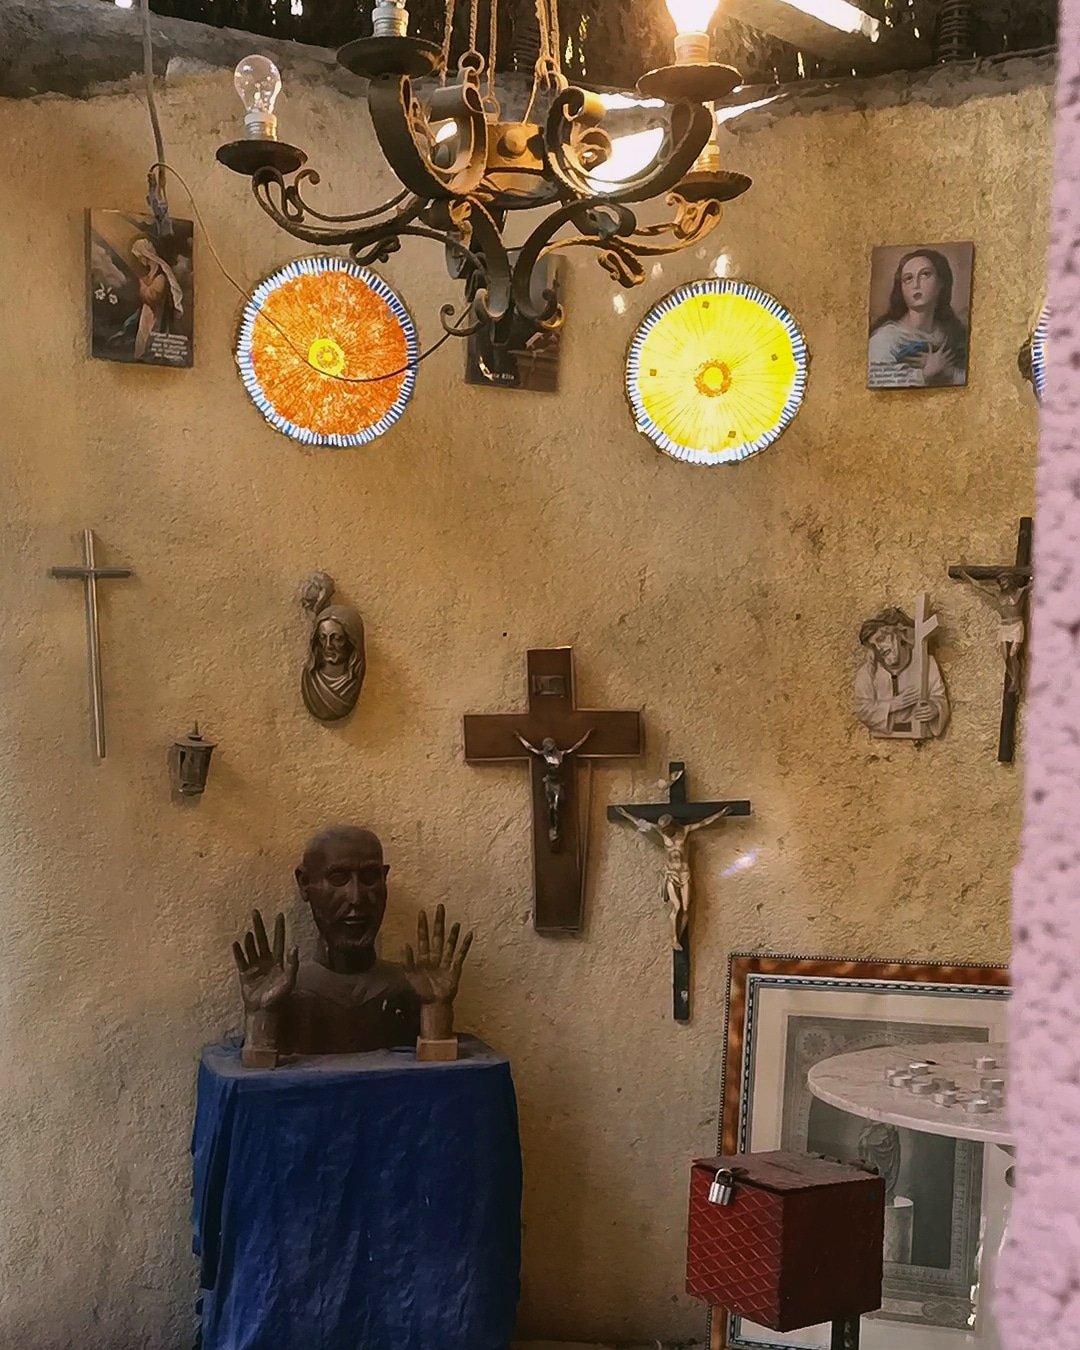 Justo Gallego, la humildad de una obra colosal 15